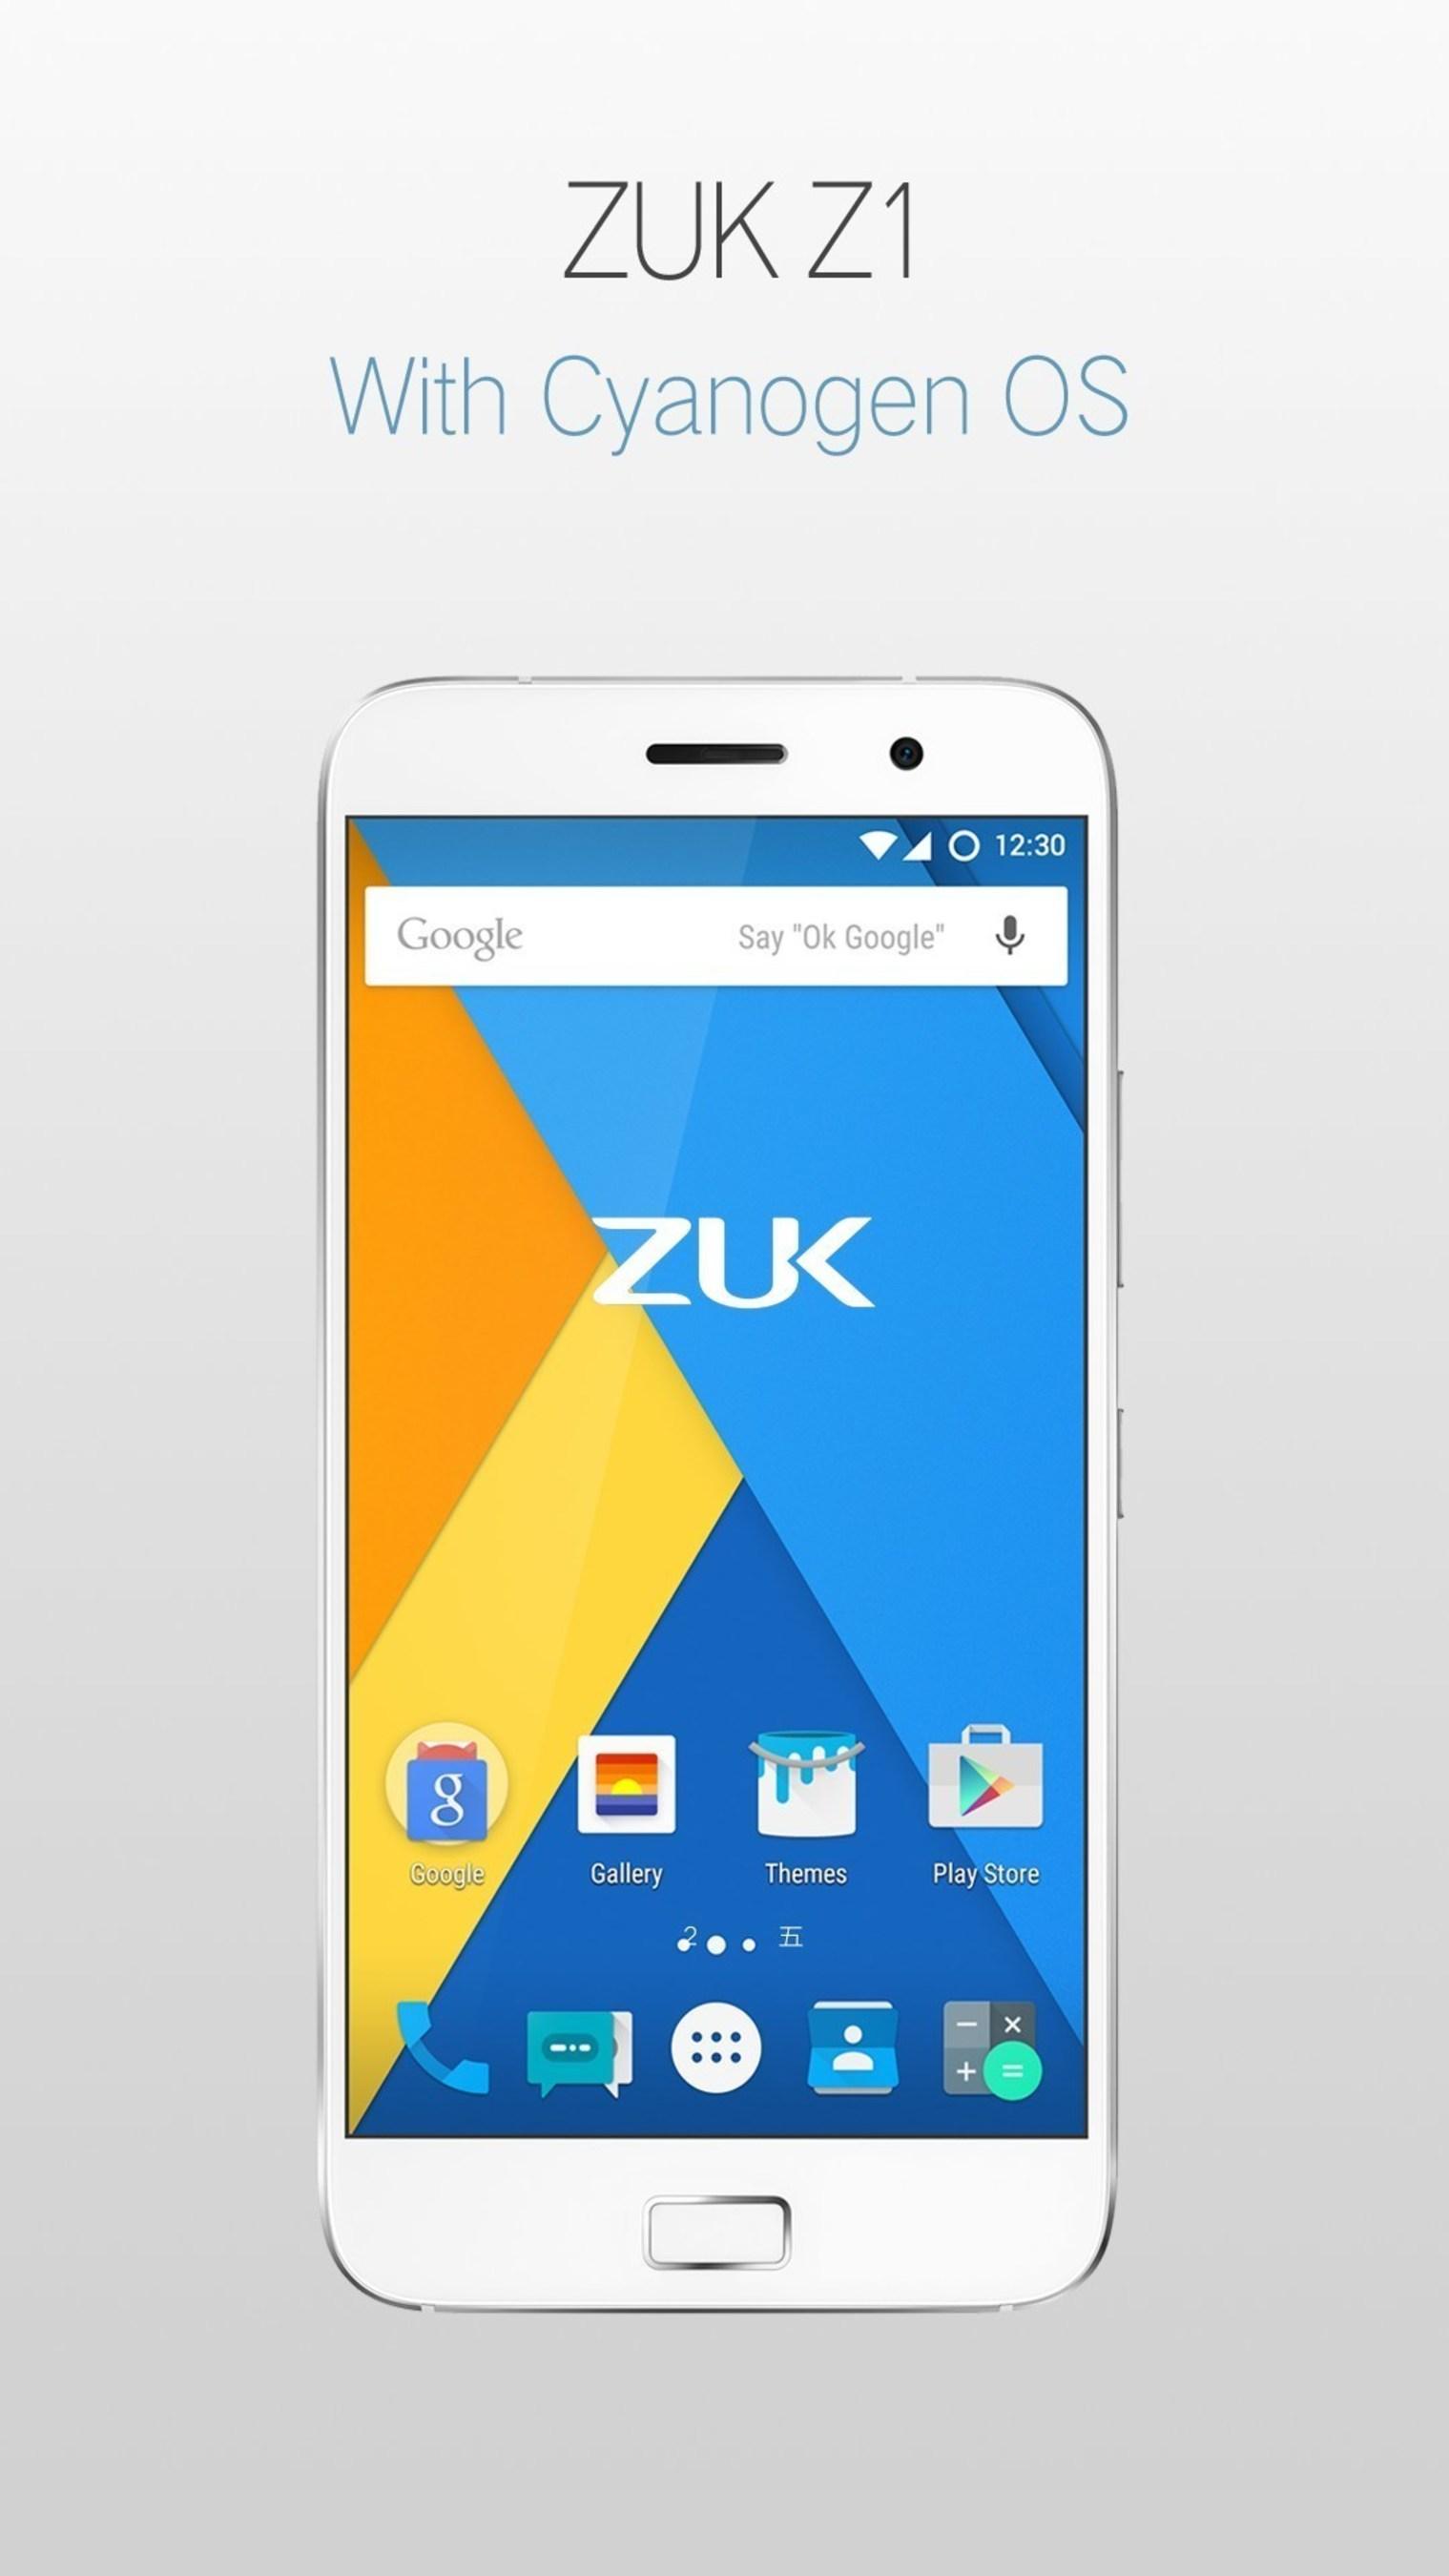 ZUK официально представляет международную версию смартфона Z1, созданную в партнерстве с Cyanogen